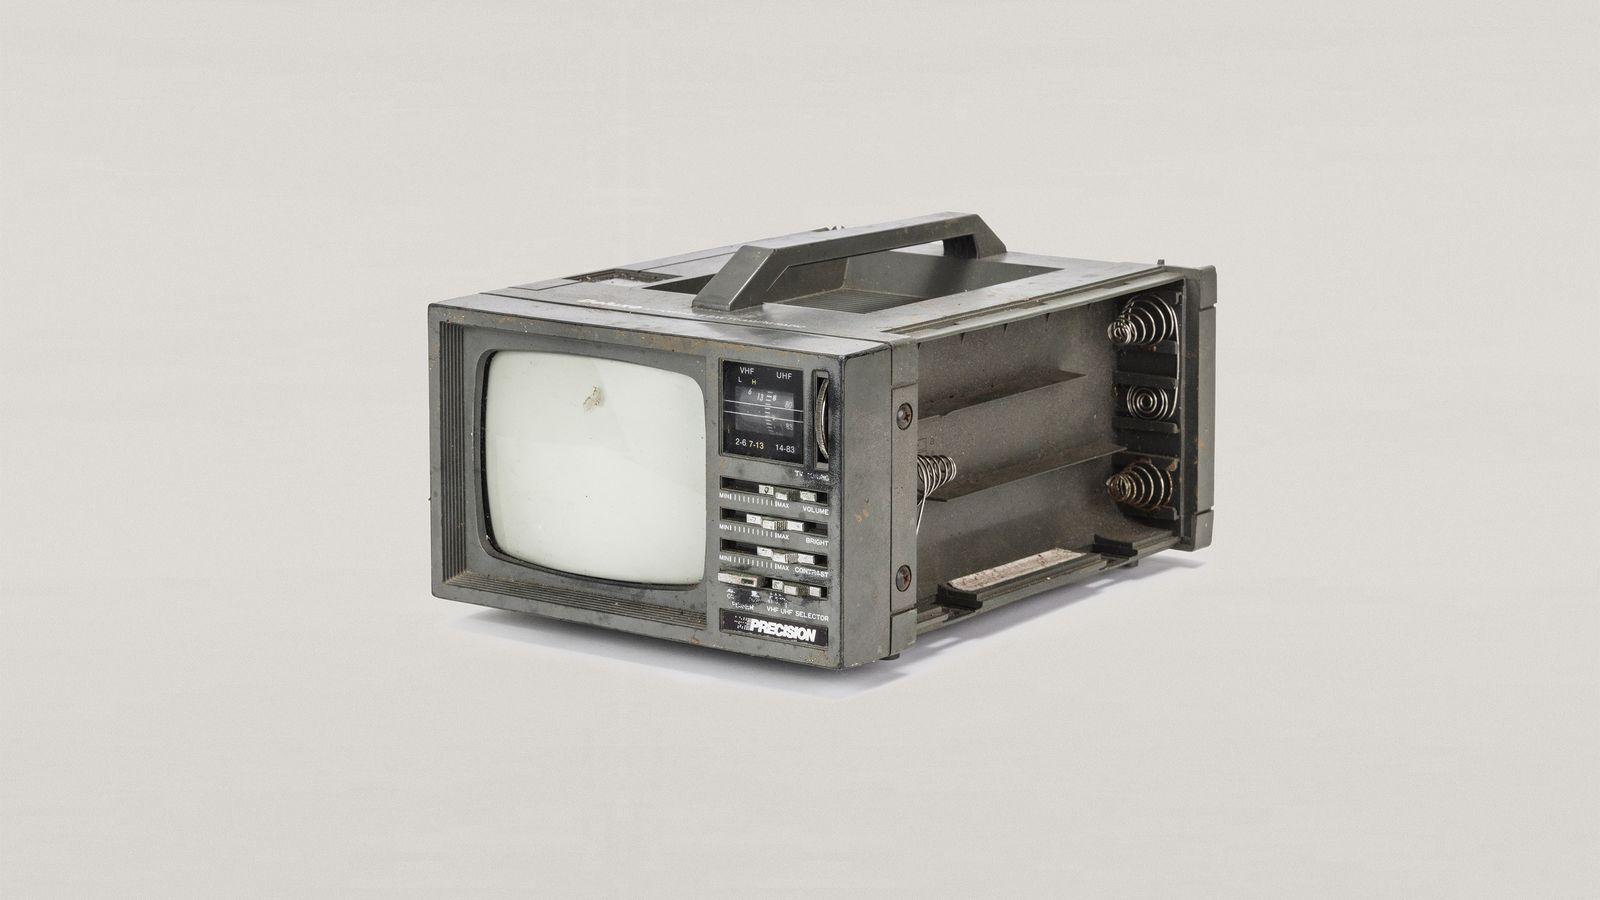 Antiga TV analógica portátil